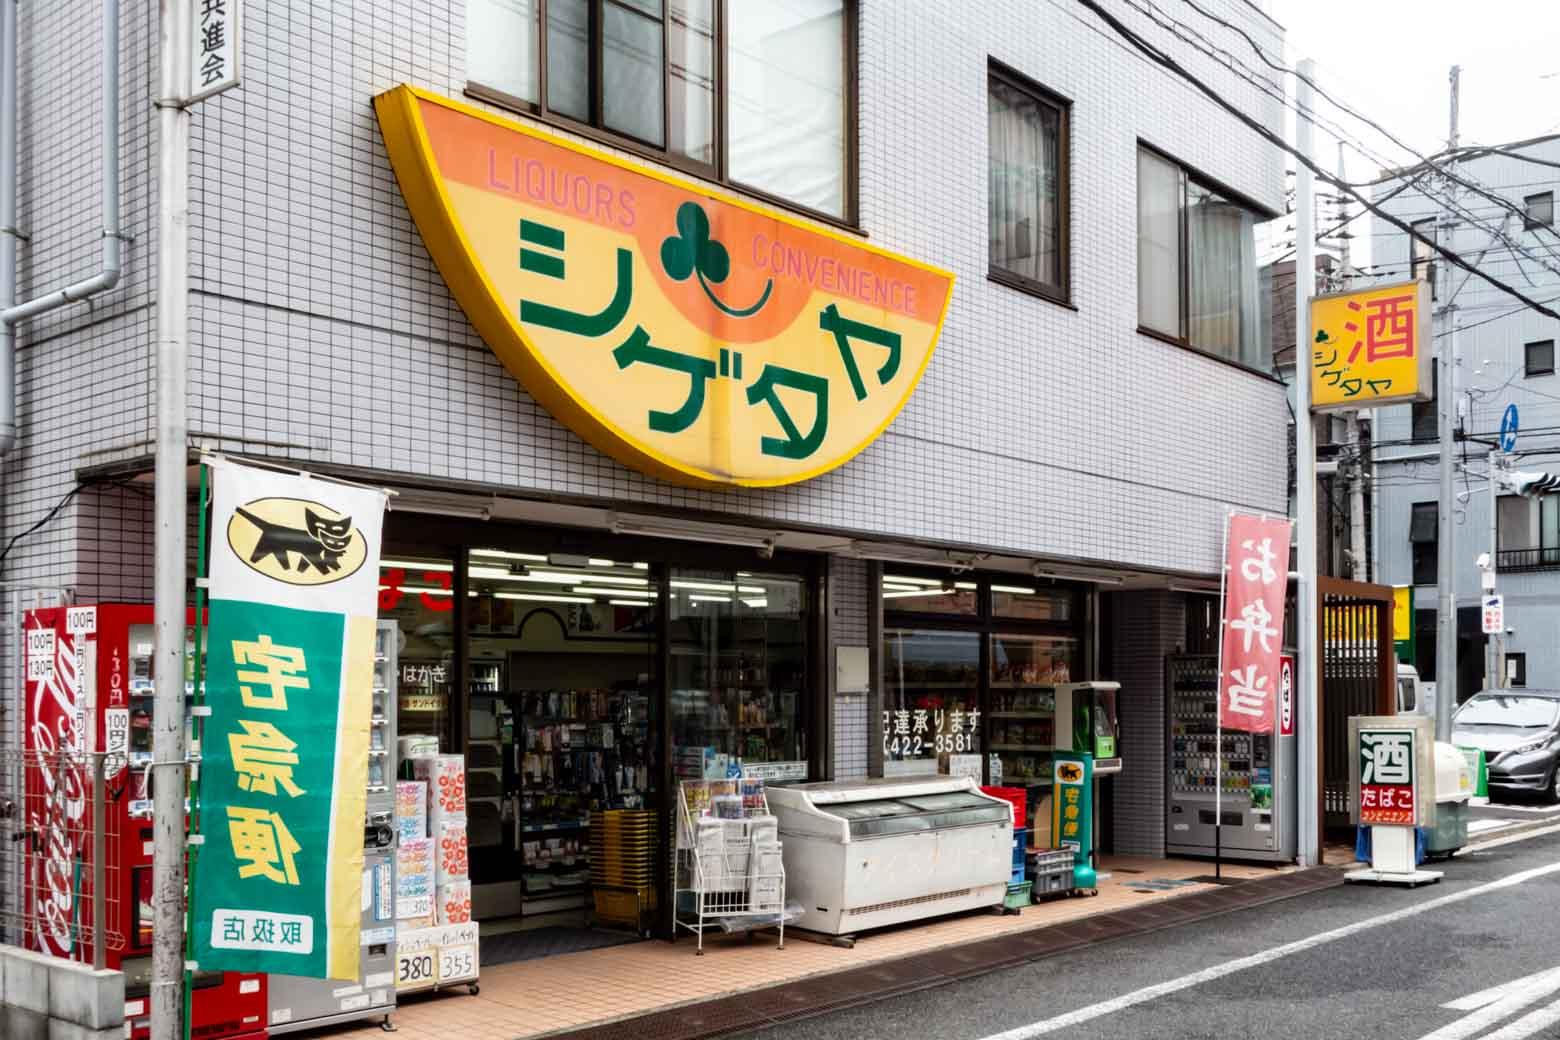 昔ながらの商店があります。もっと便利なお店はいくらでもありますが、こういう商店でお買い物するのってなんだか楽しいんですよね。近くに住んでいたら通うと思います。